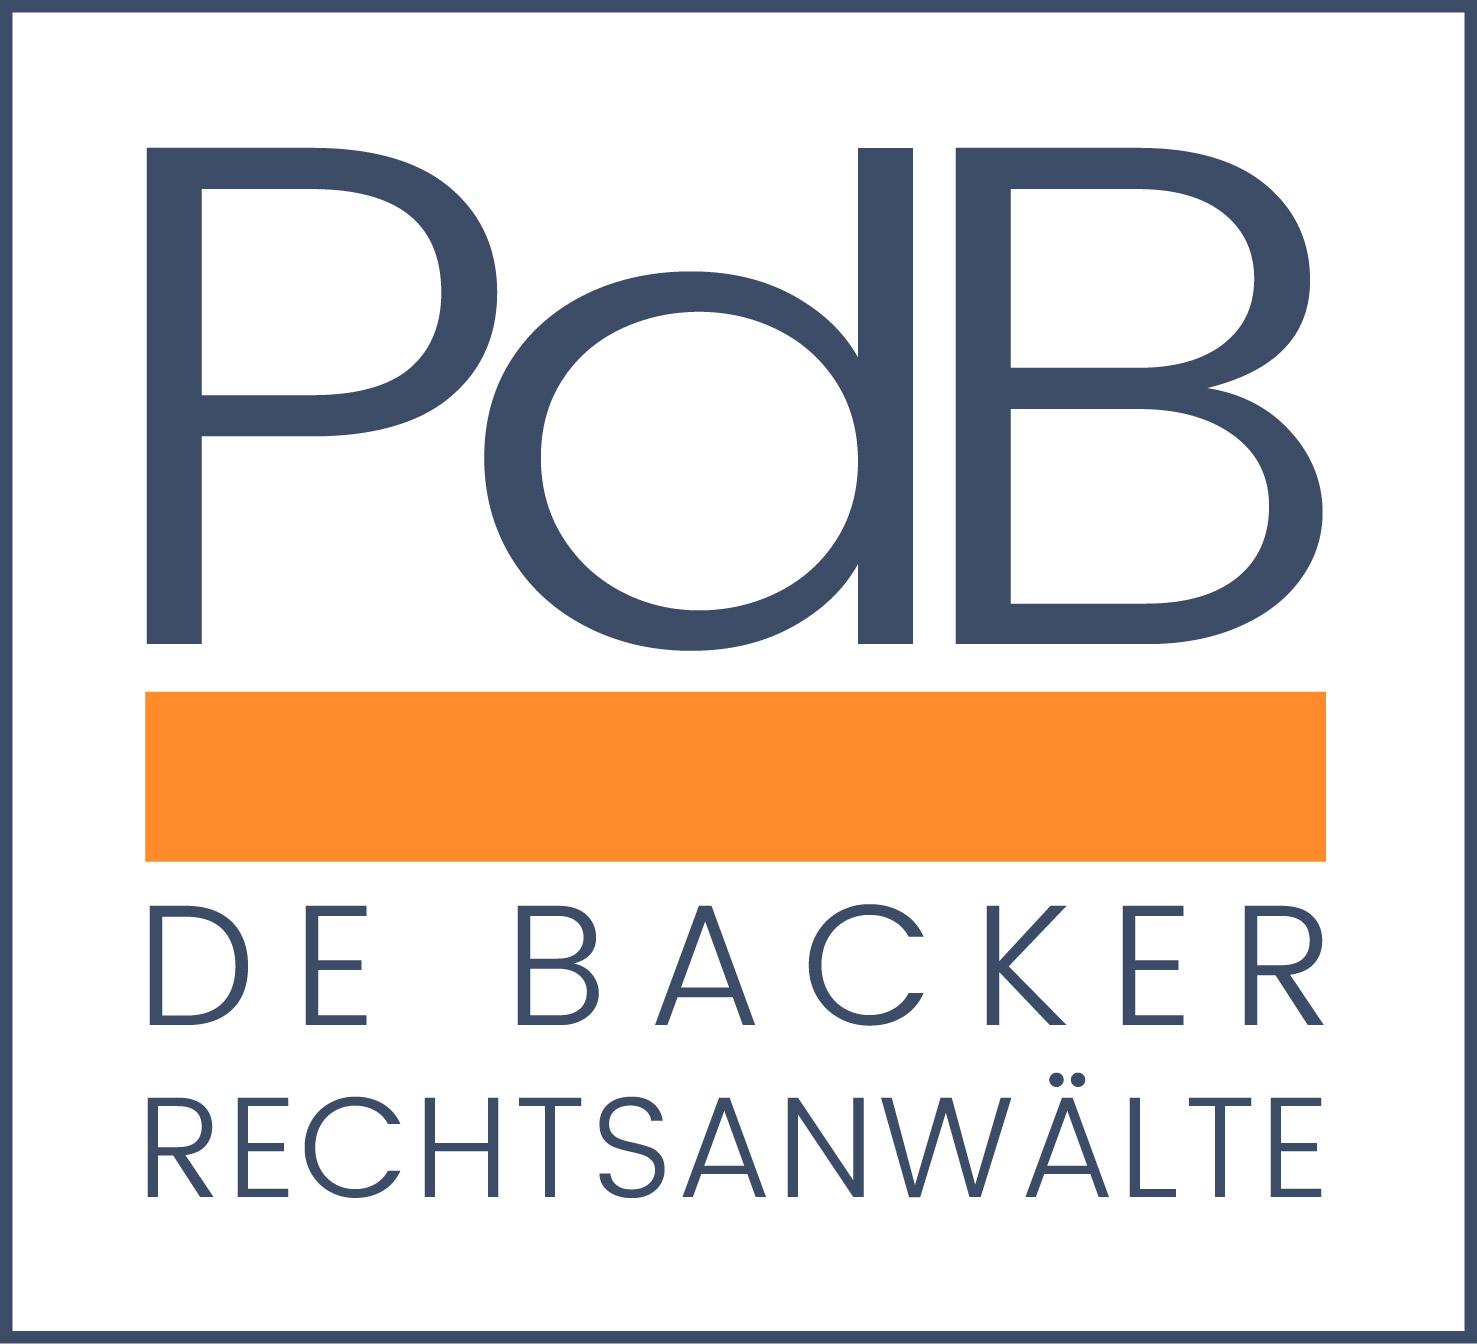 De Backer Rechtsanwälte Anwalt Mobbing Rechtsanwalt Patrick P